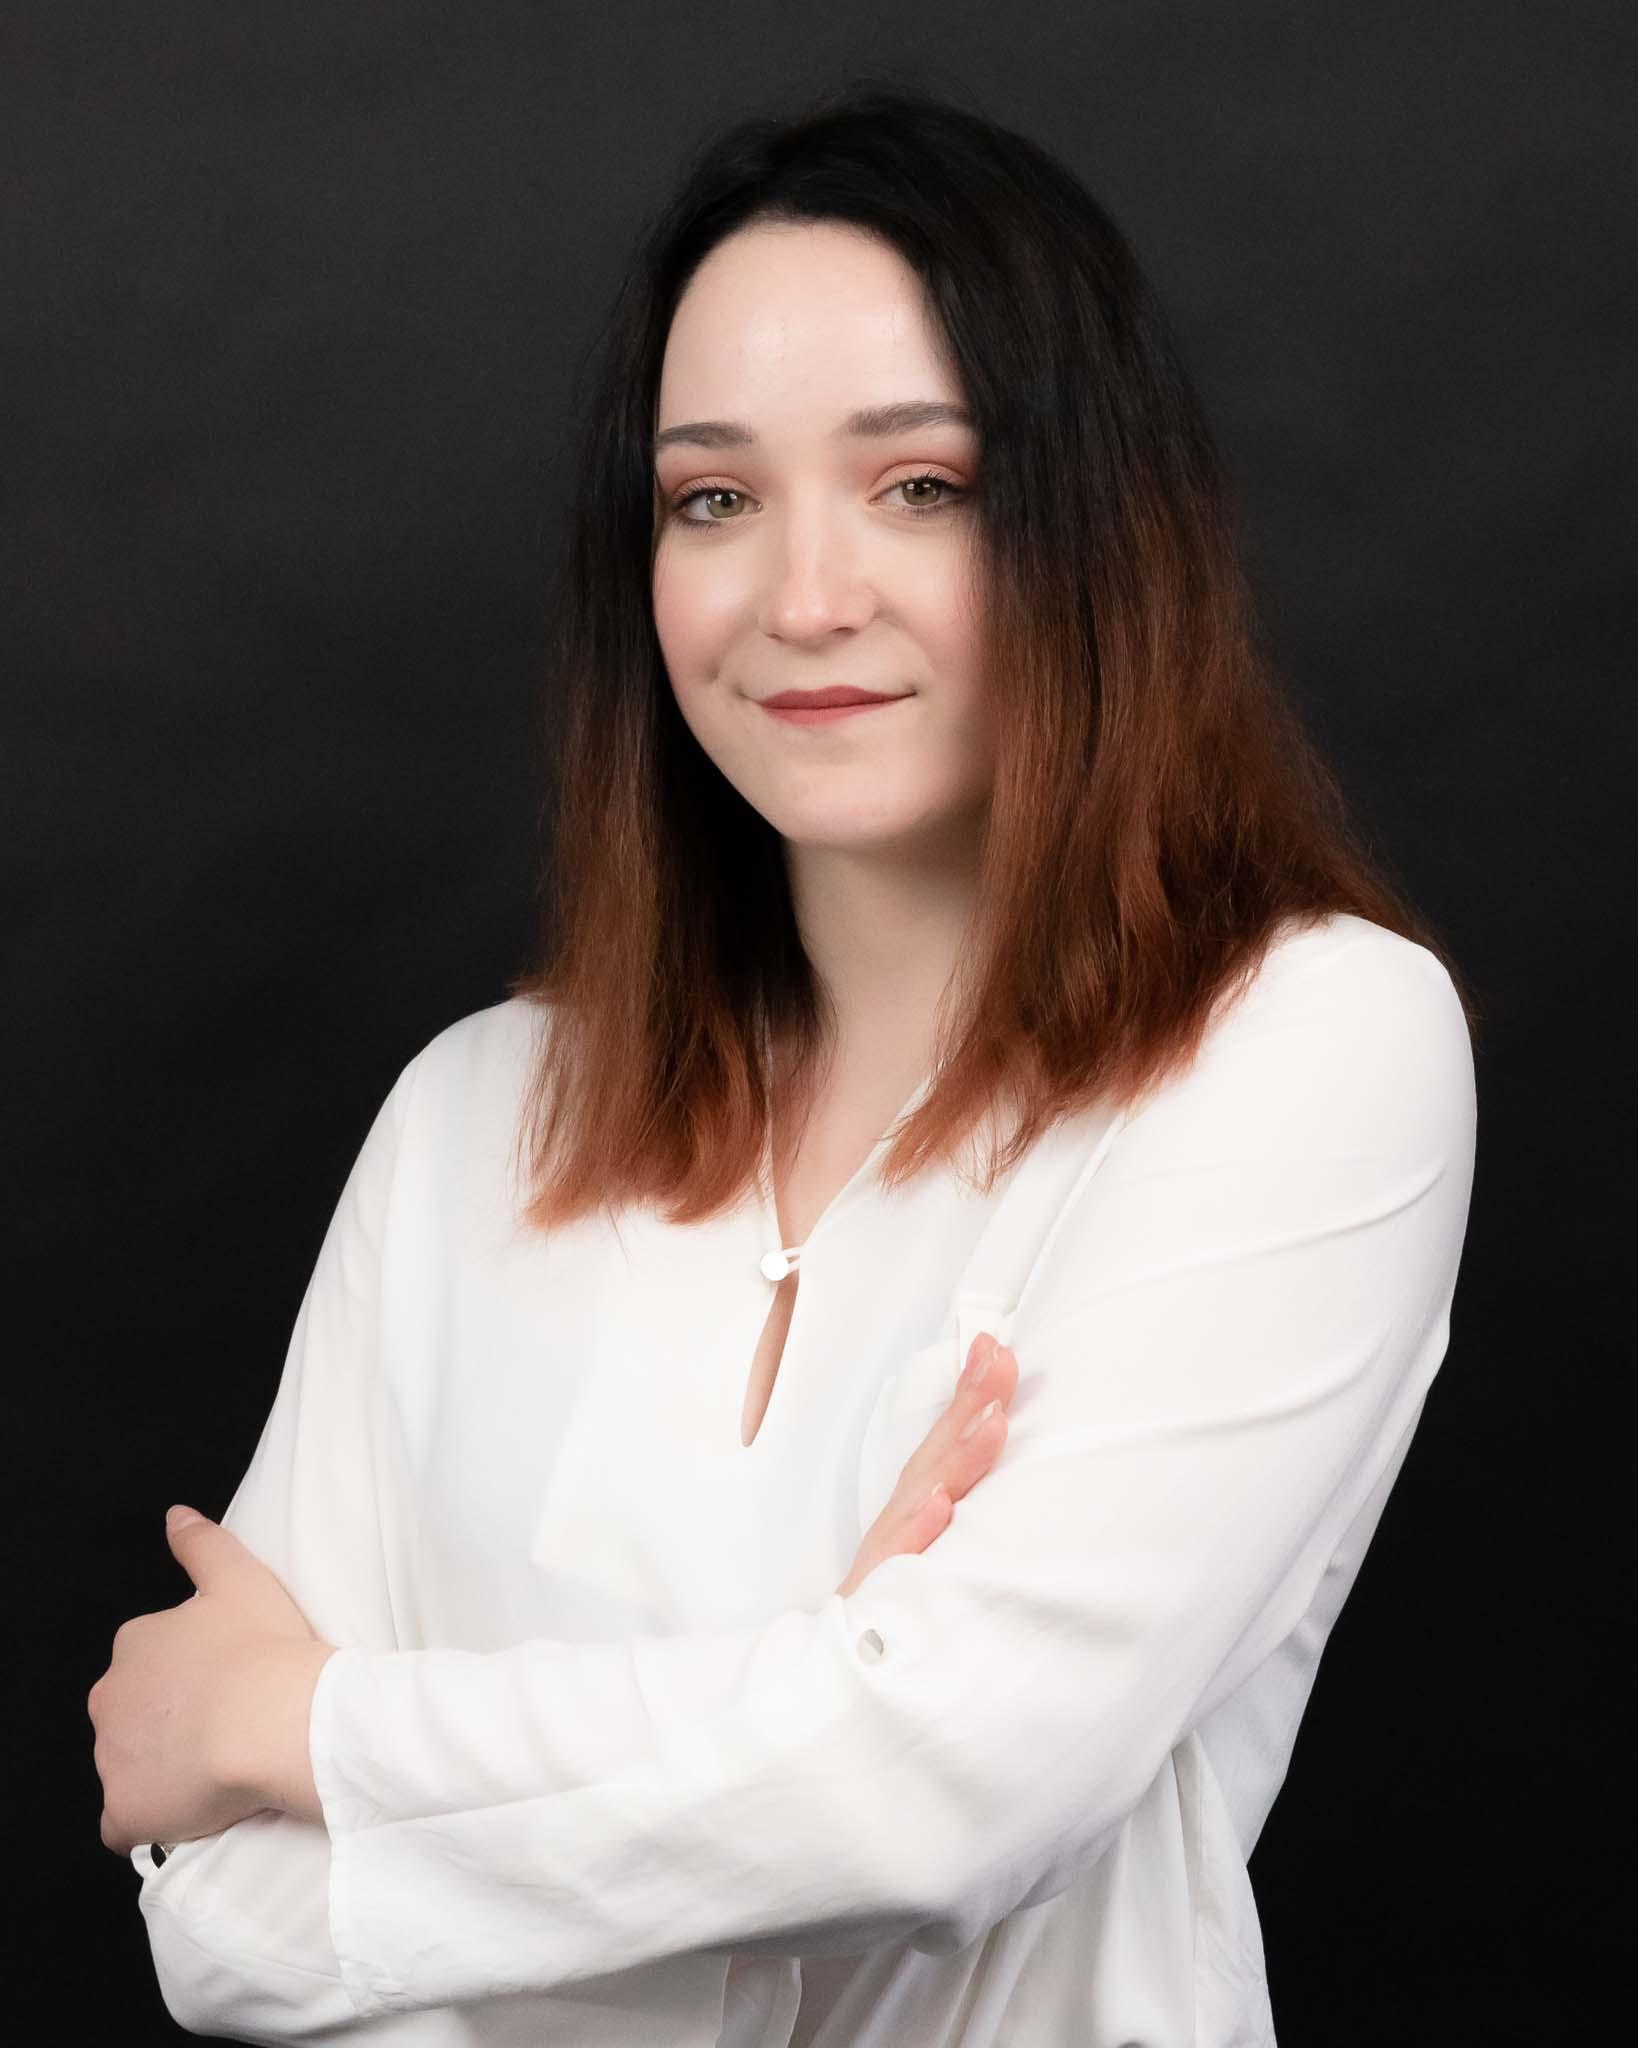 Marina Joiko